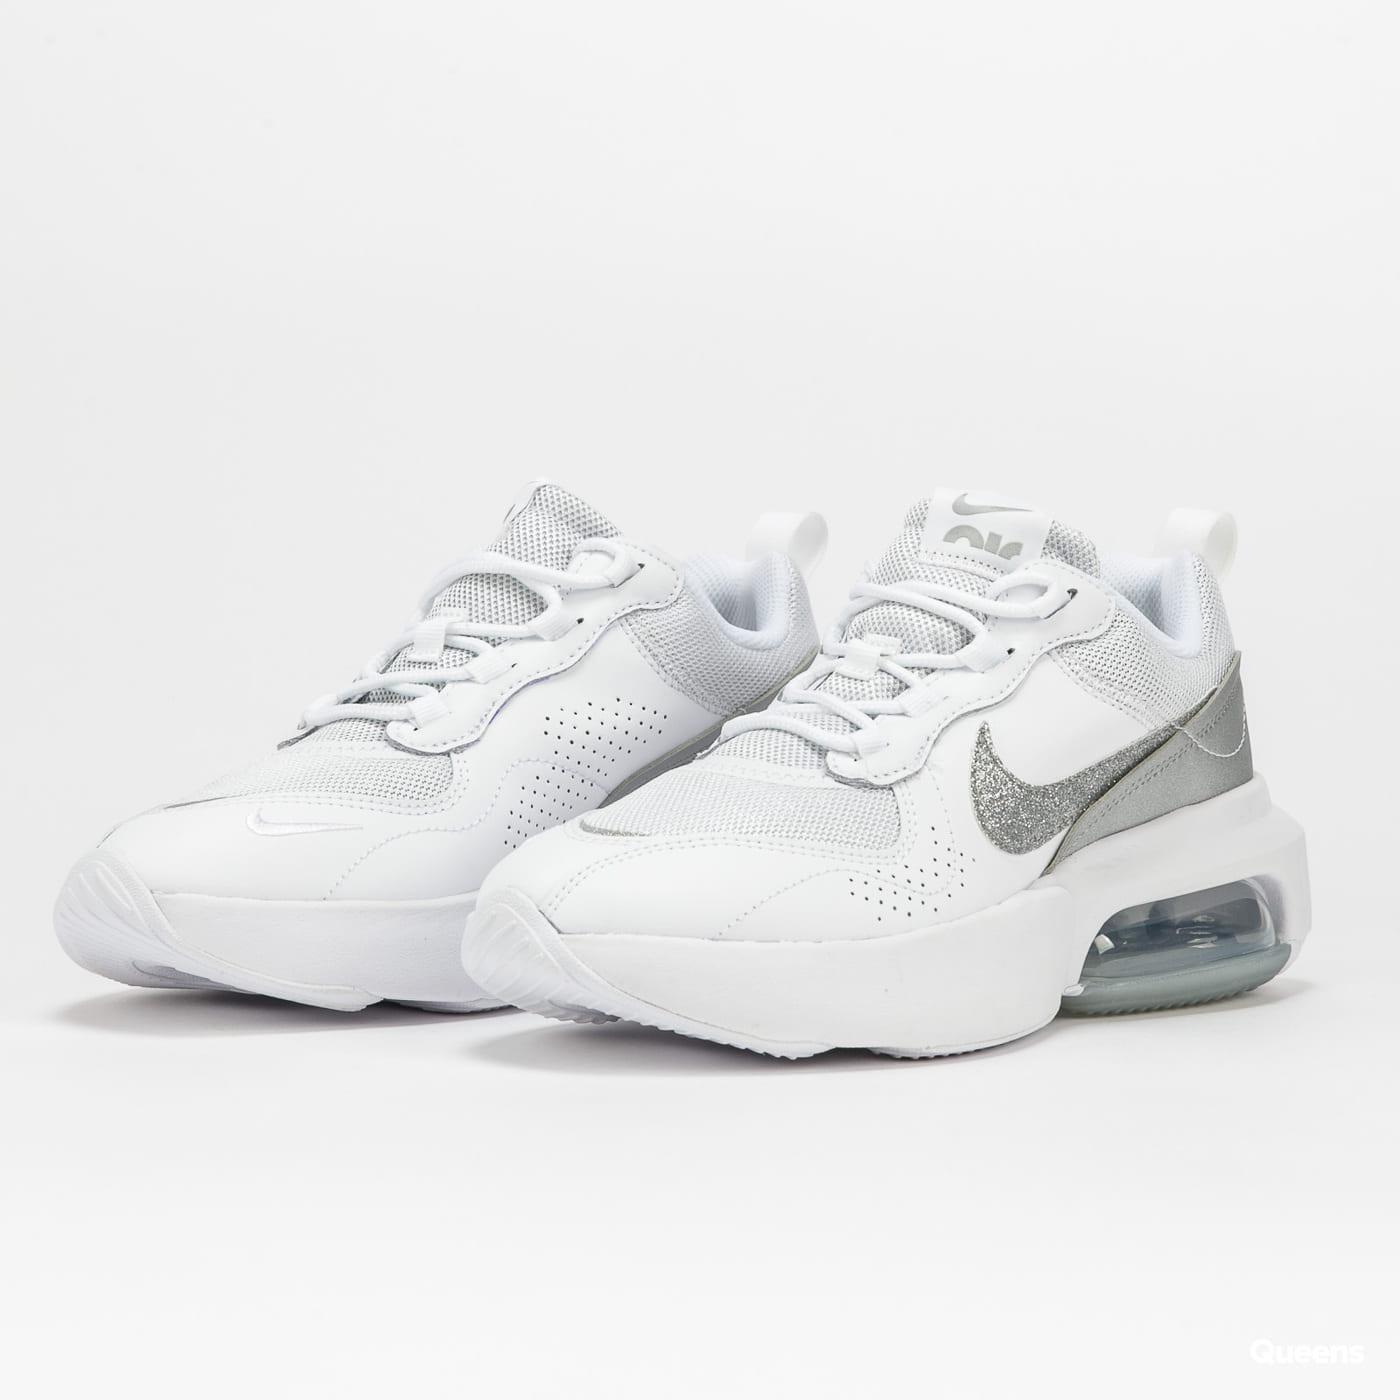 Nike WMNS Air Max Verona white / white - metallic silver